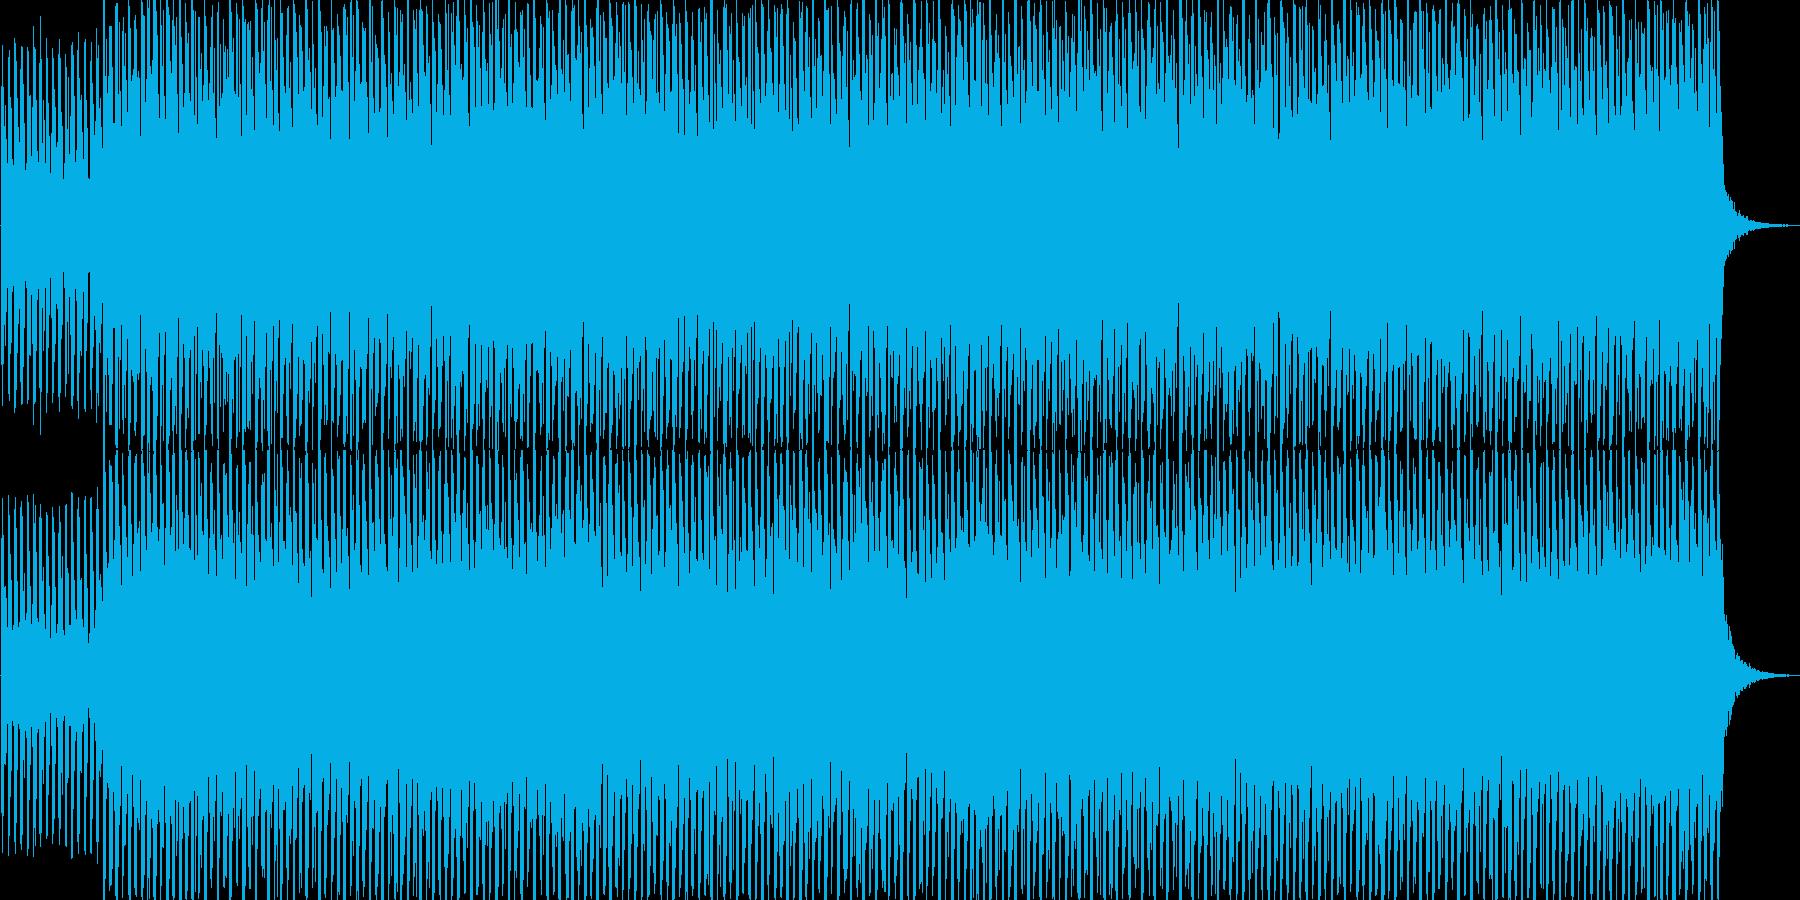 ミニマル系テクノBGMの再生済みの波形